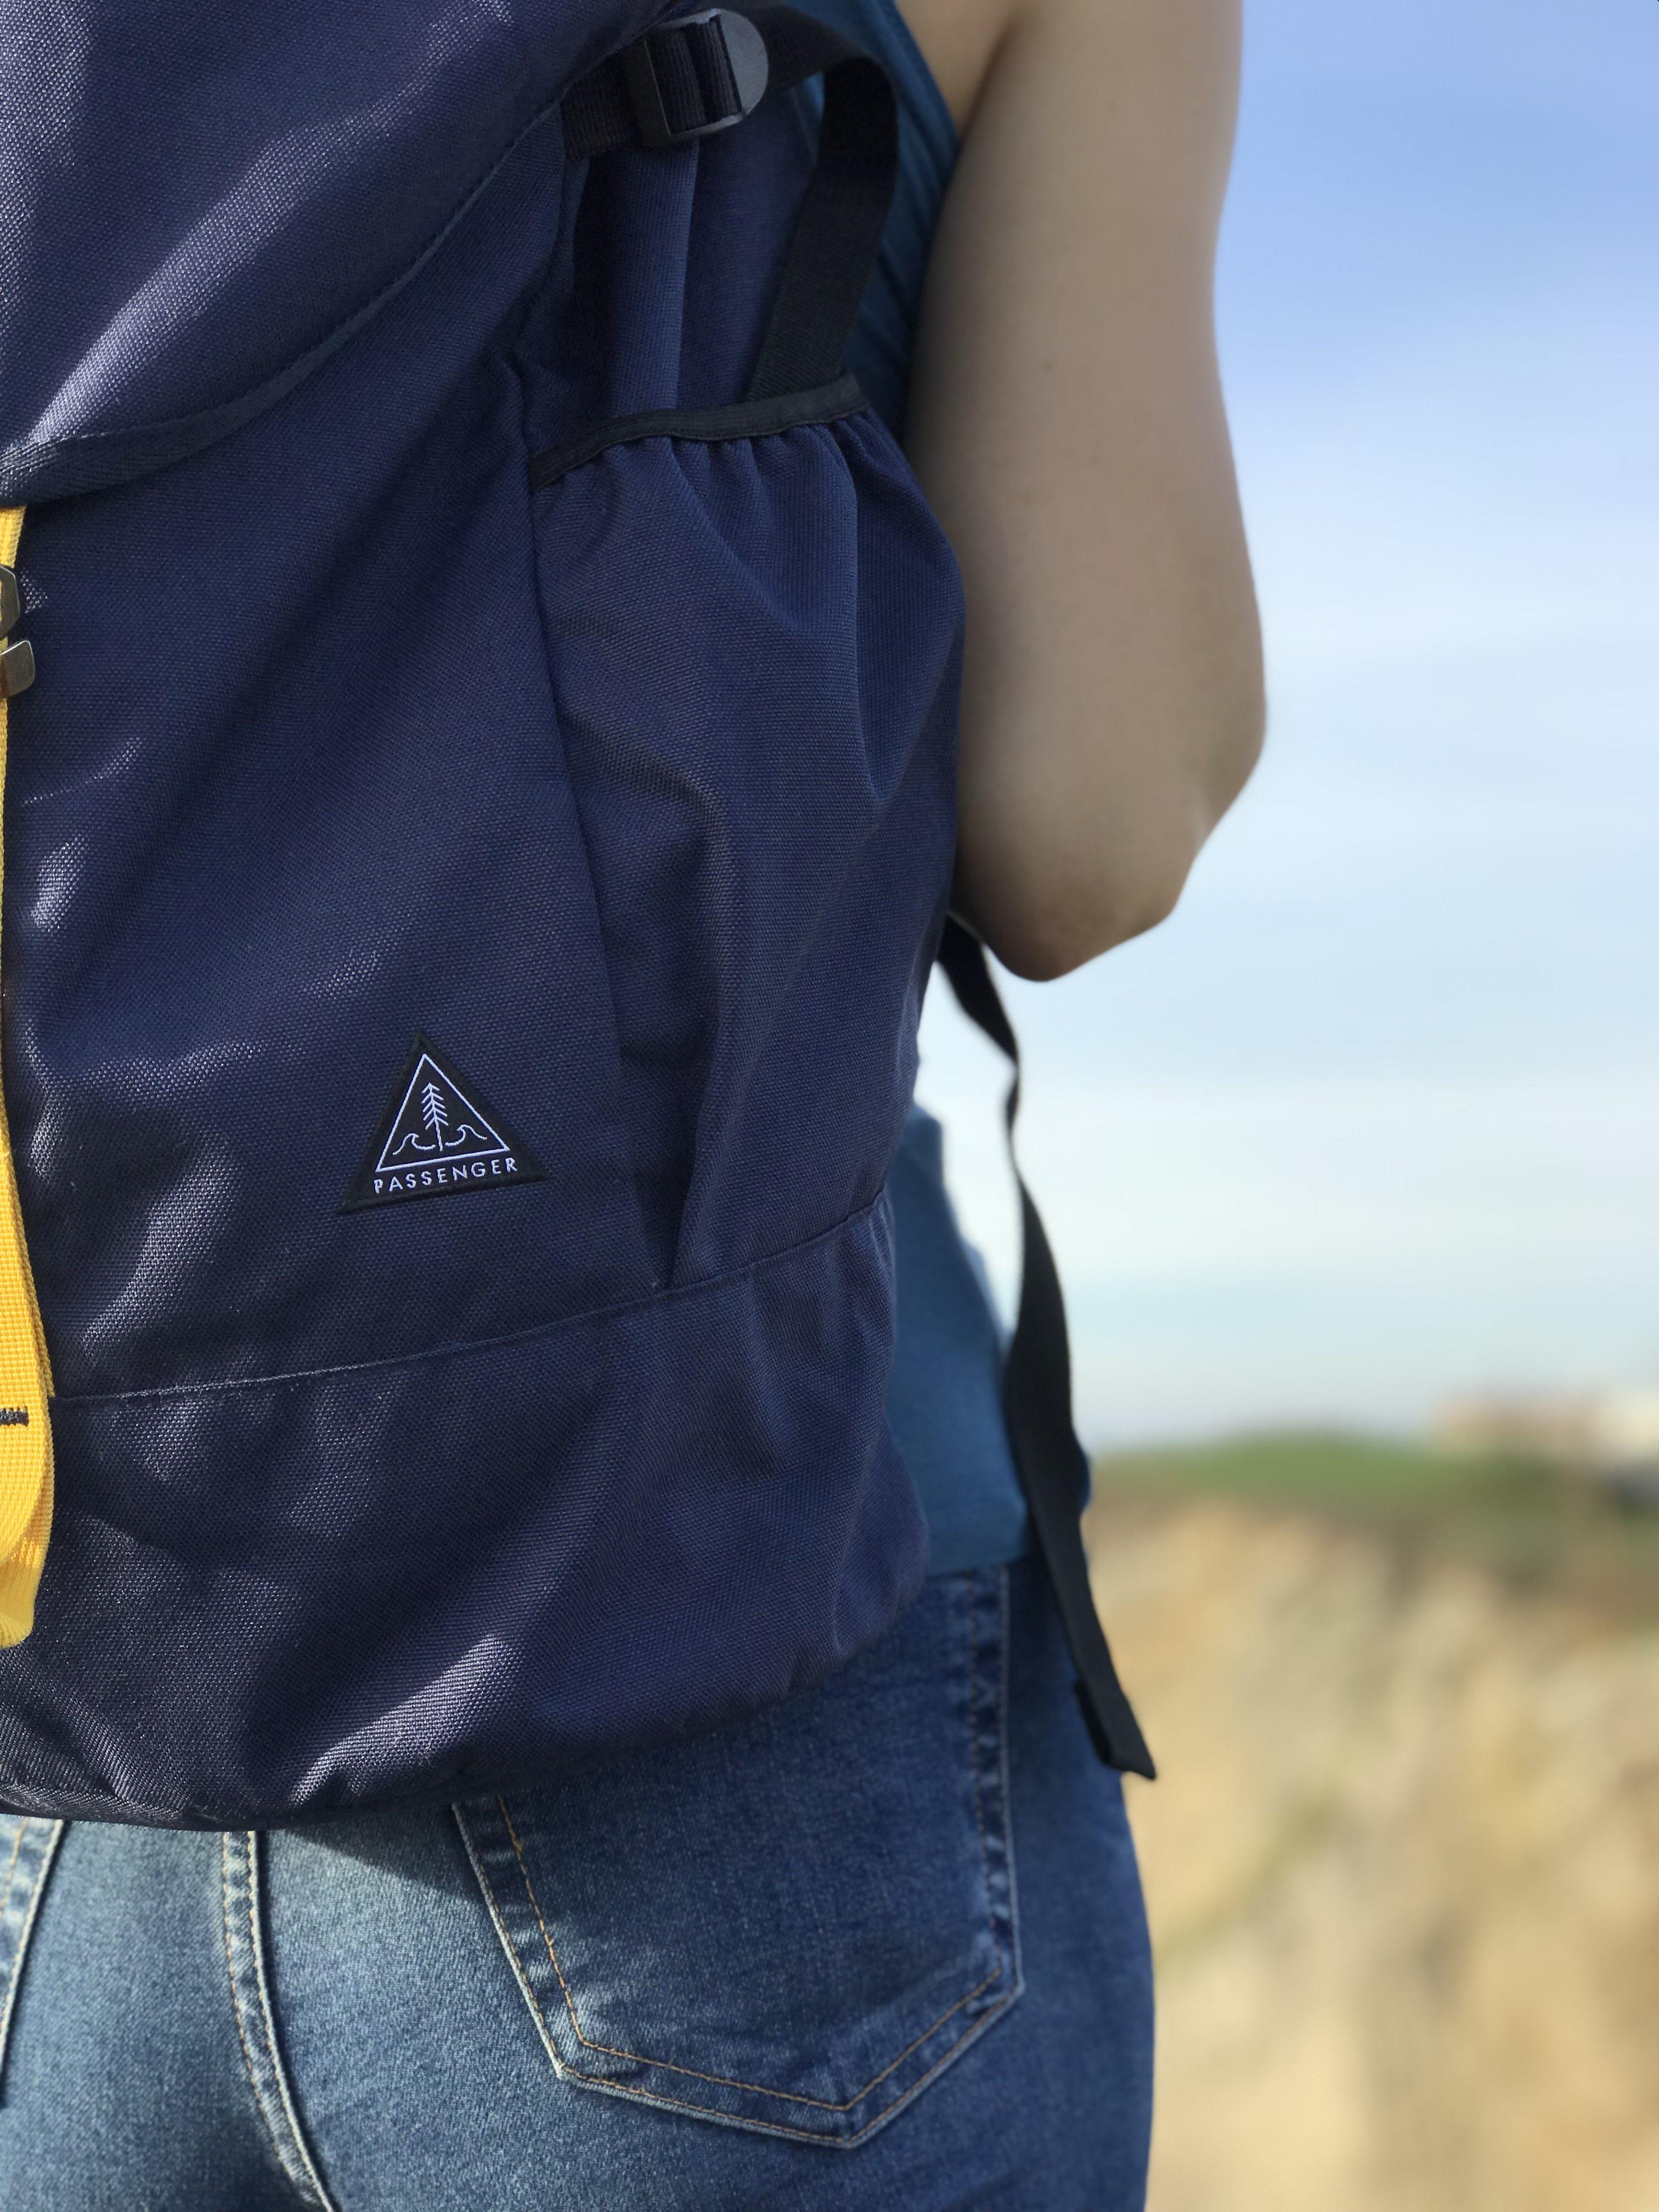 Van Life Clothing - Backpack 2